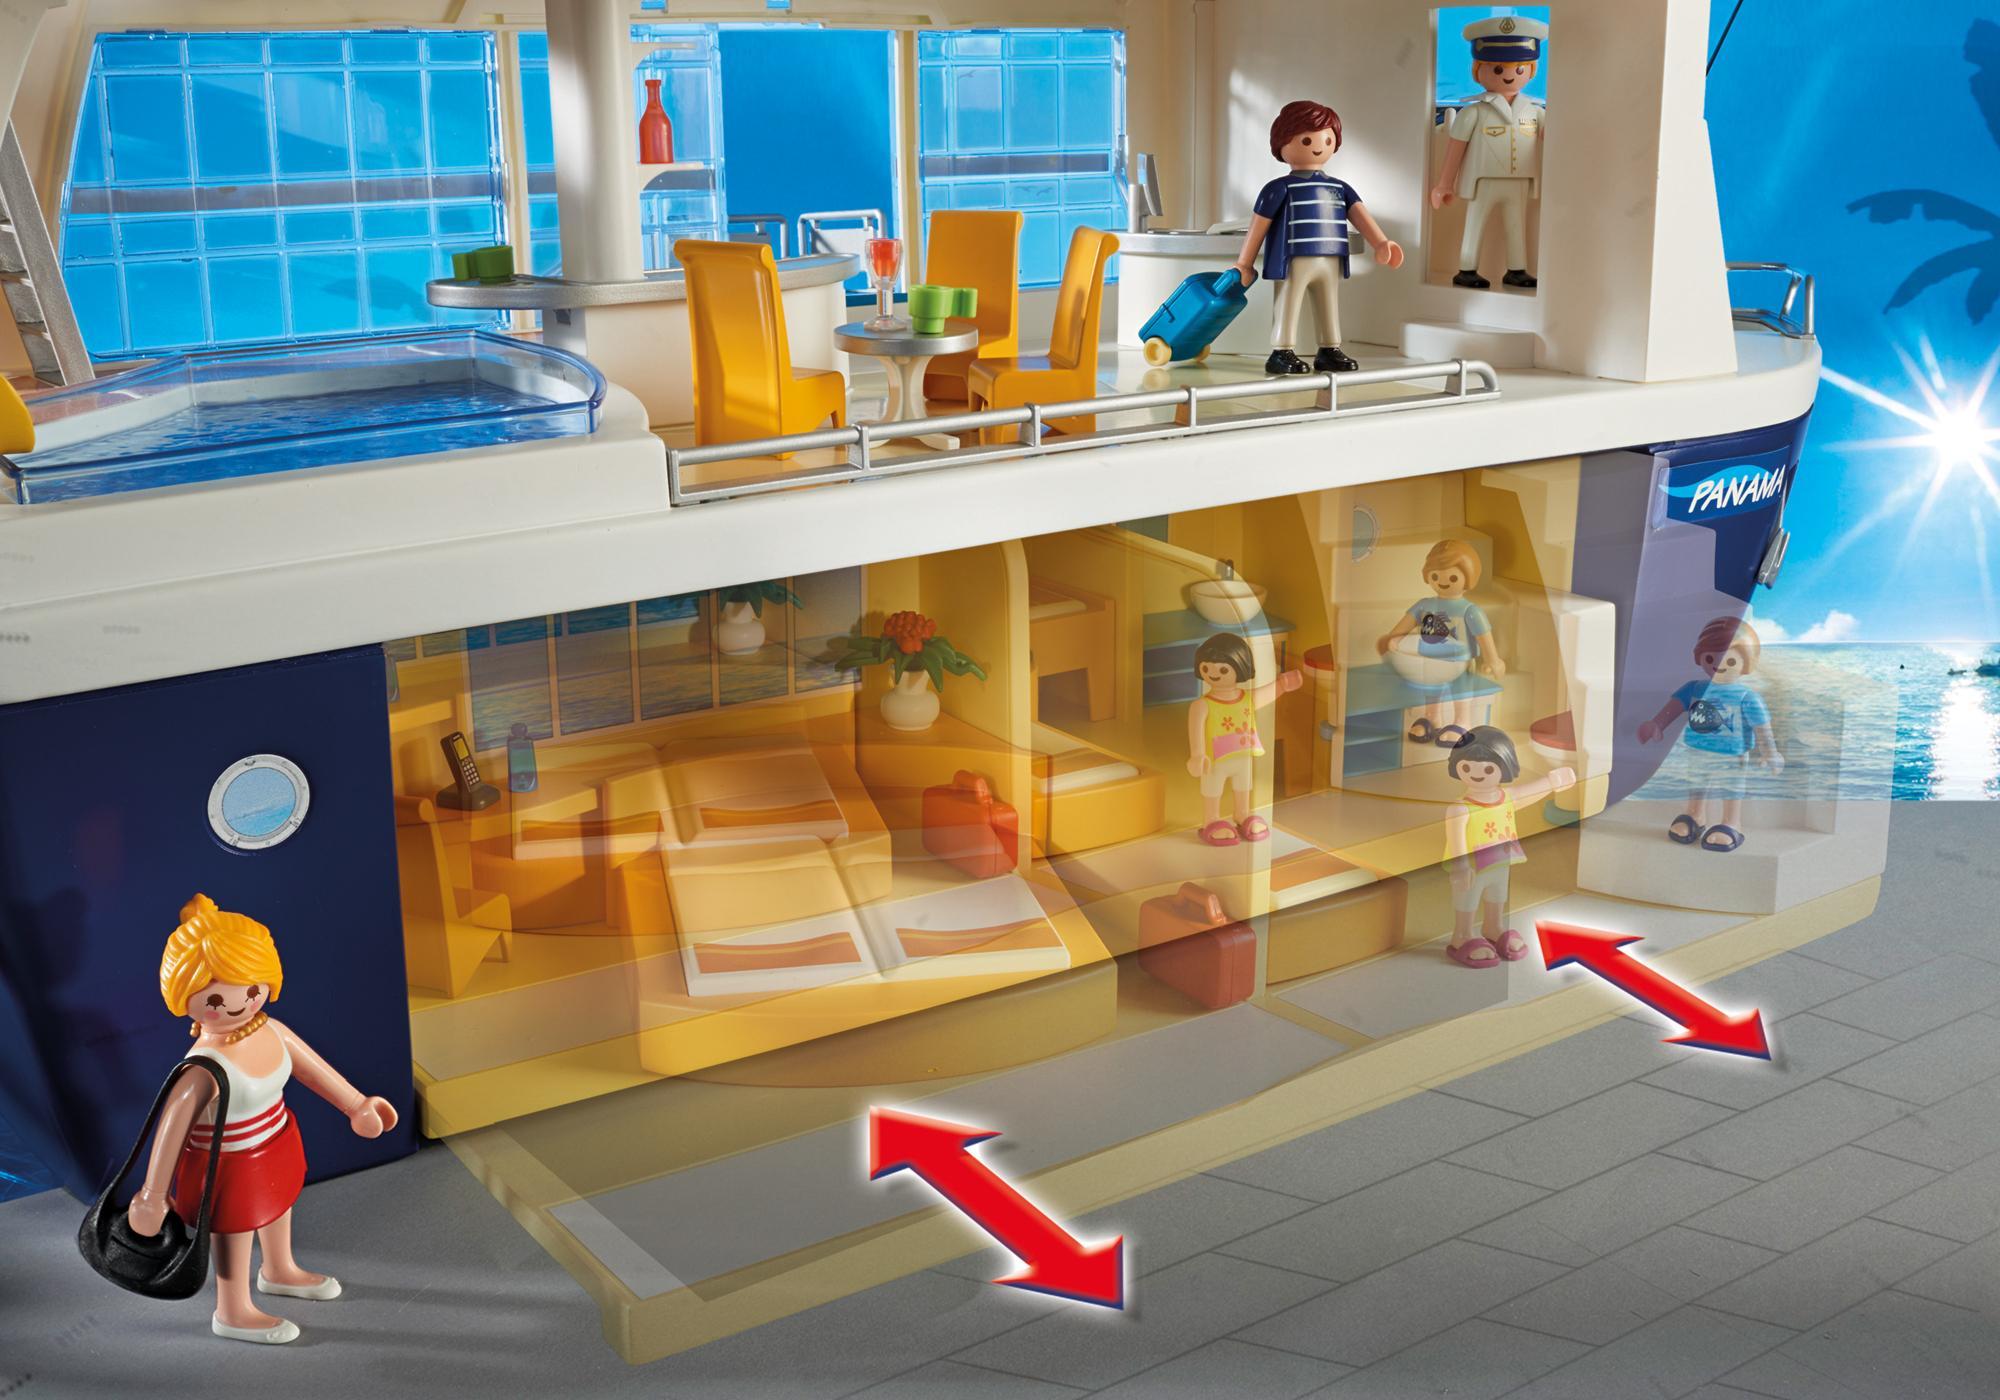 http://media.playmobil.com/i/playmobil/6978_product_extra1/Bateau de croisière